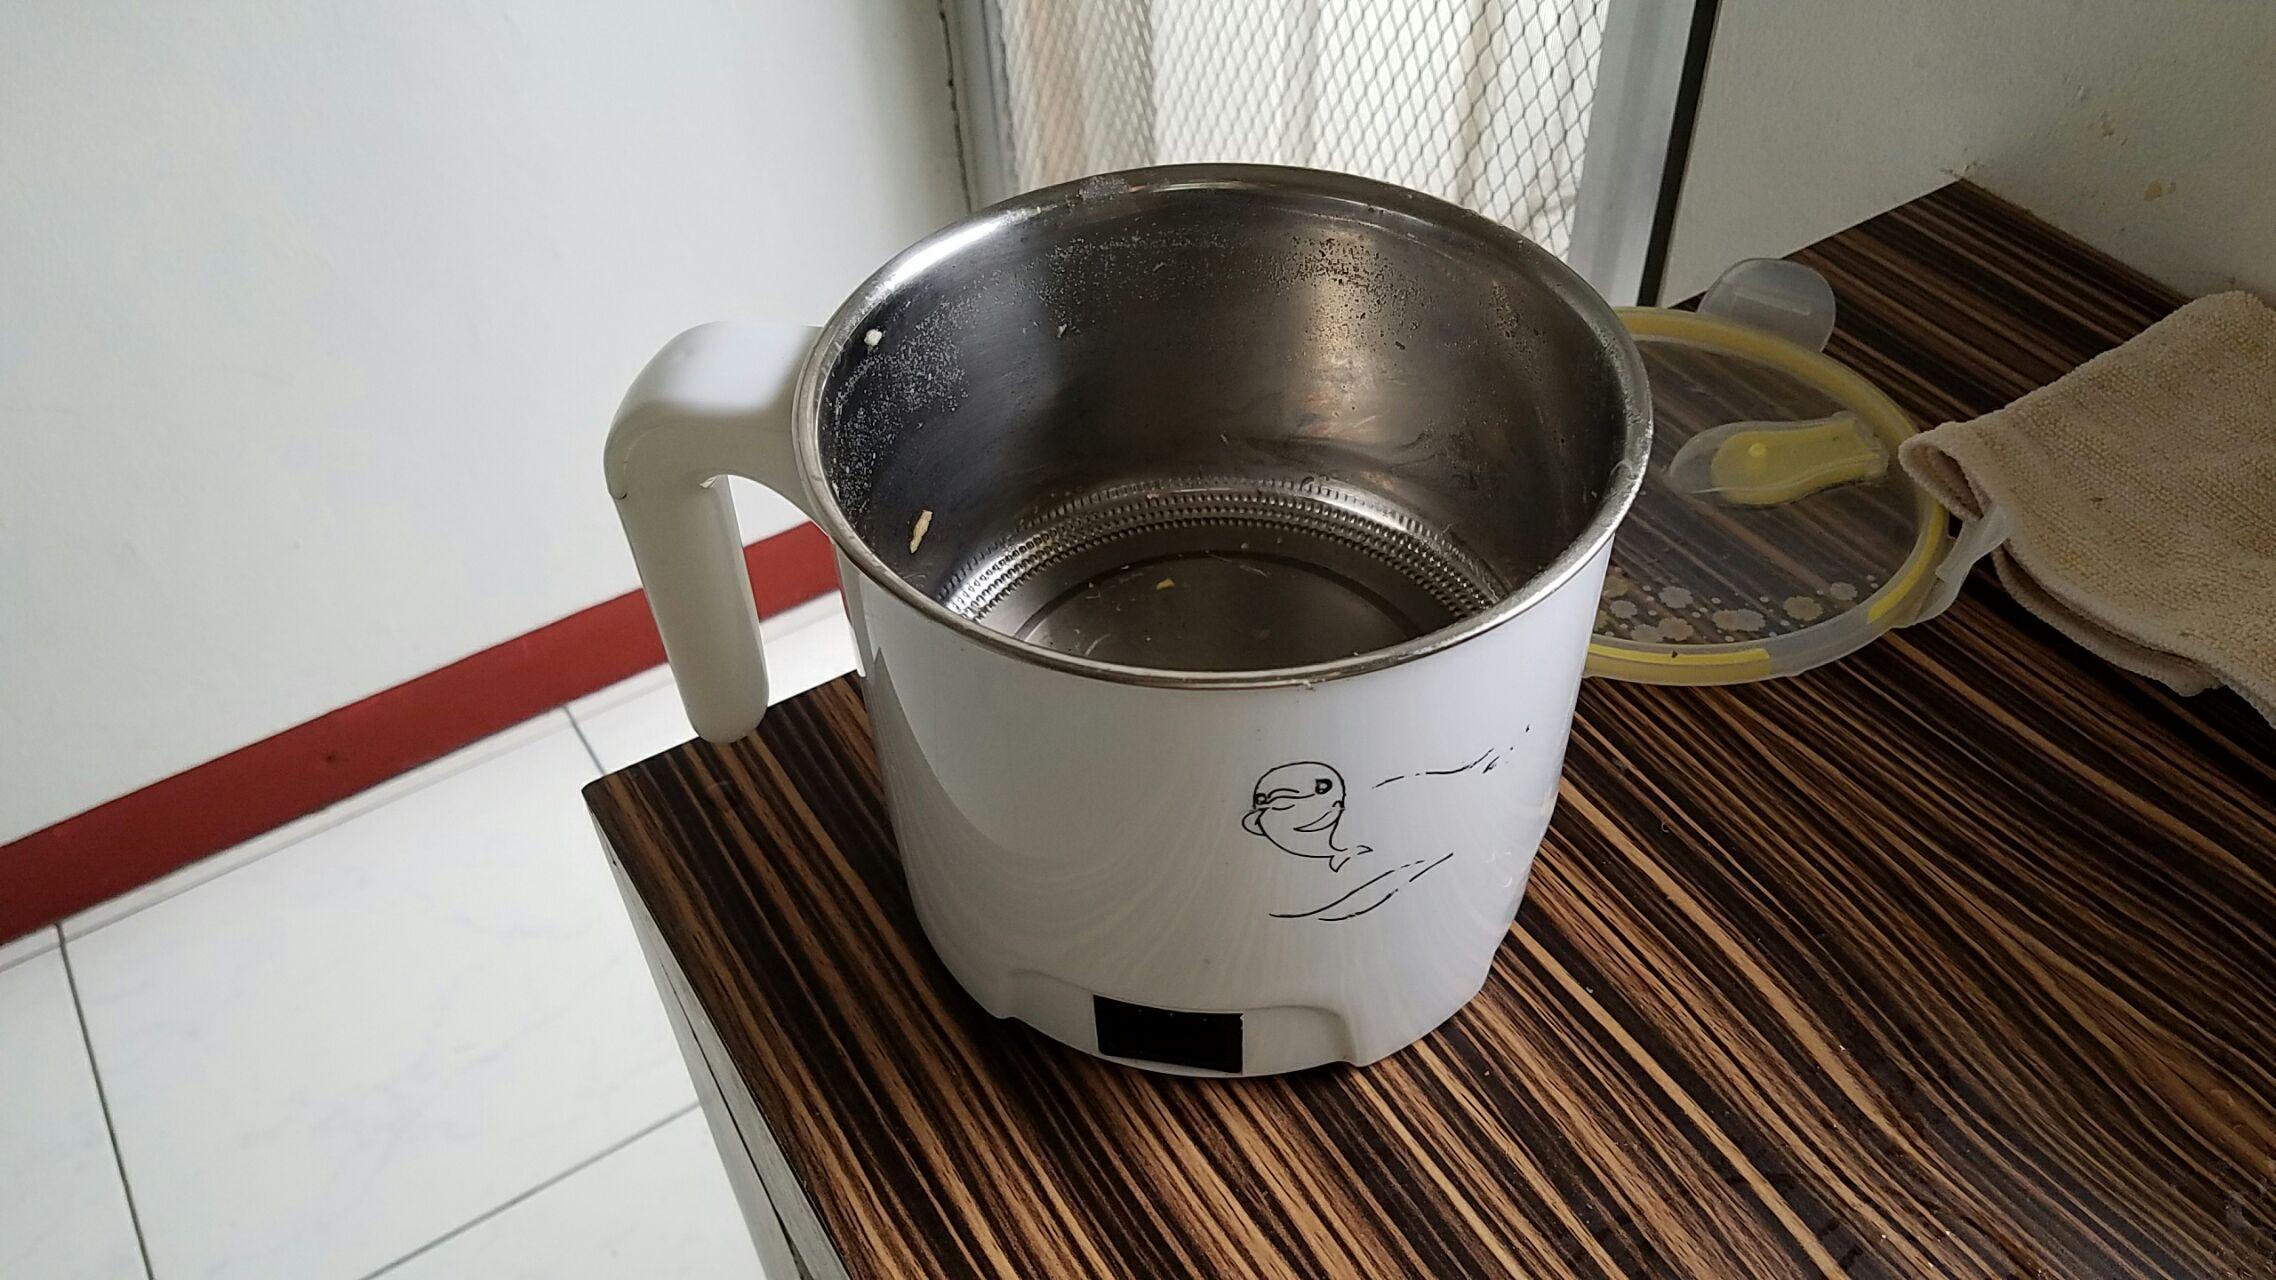 在容量一个小条件电锅的美食下做出相对美a容量只有空间图片